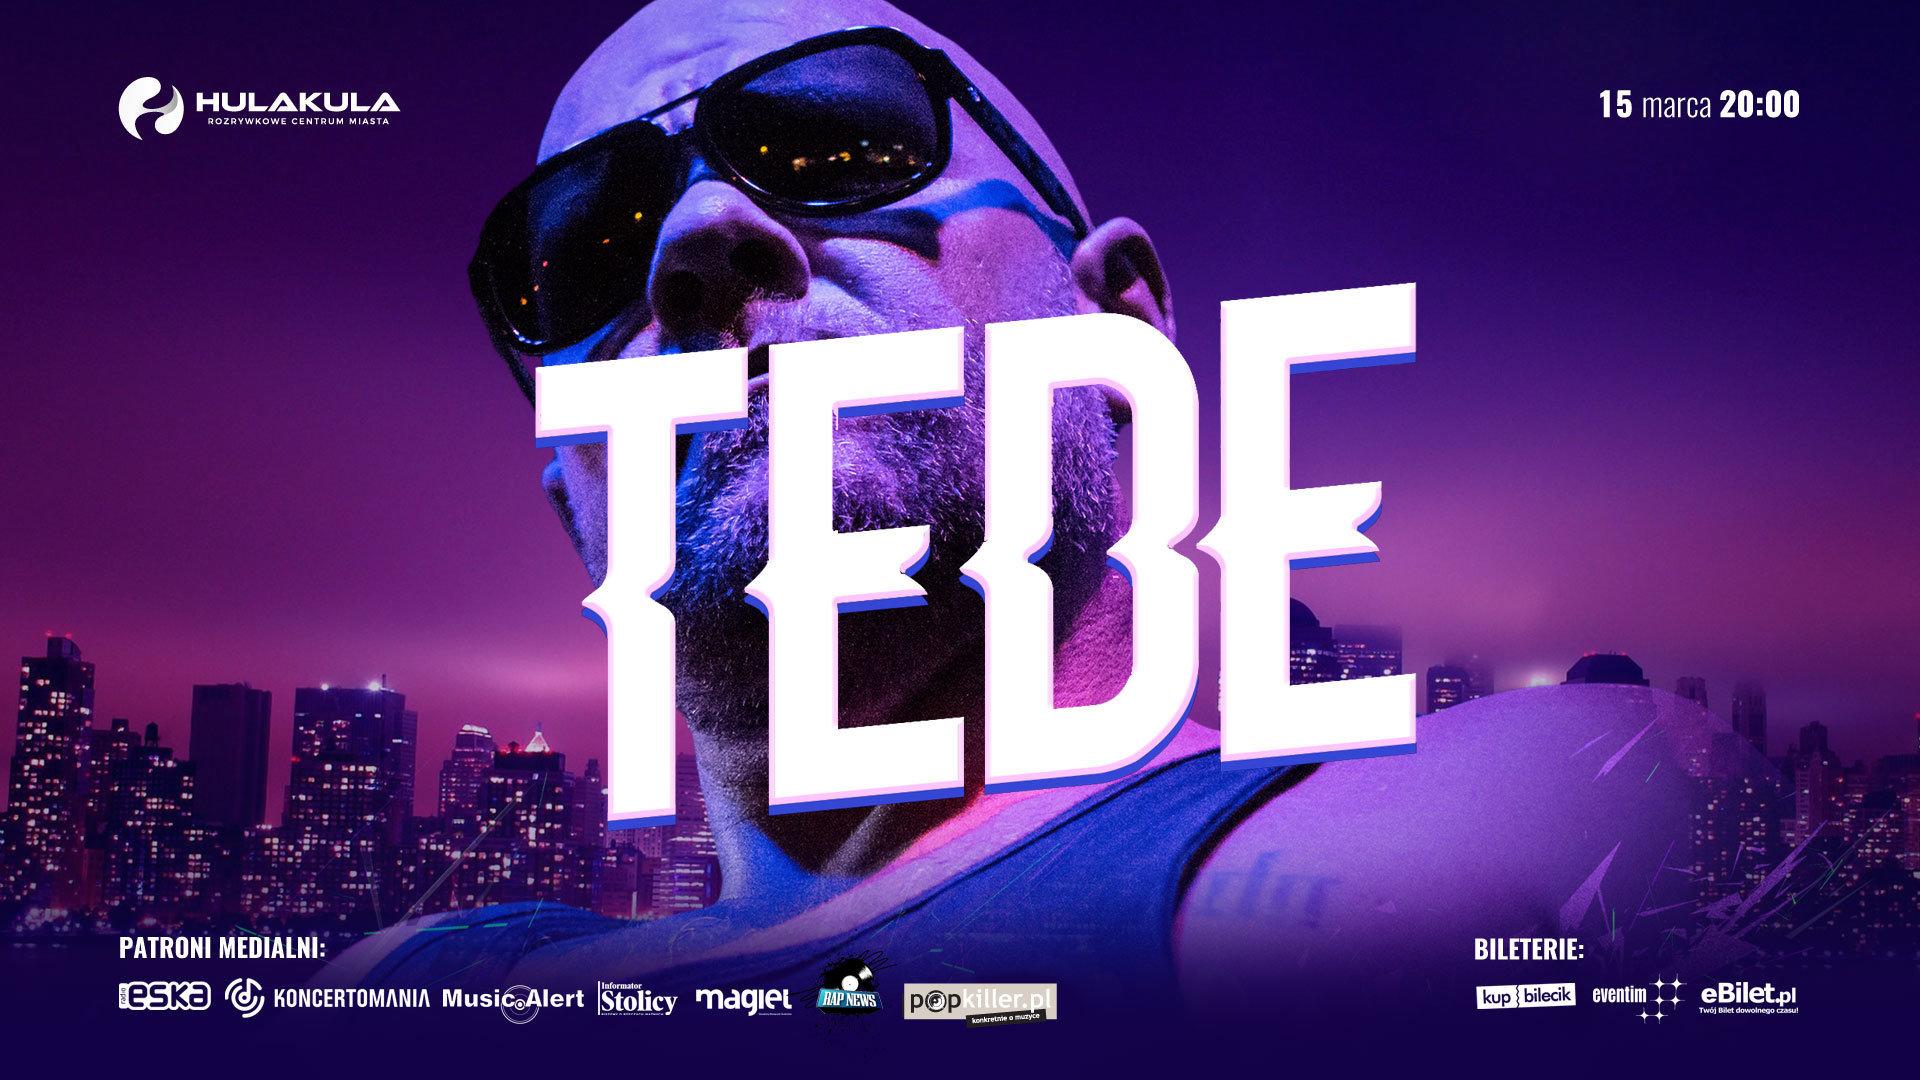 TEDE w Hulakula – Rozrywkowym Centrum Miasta